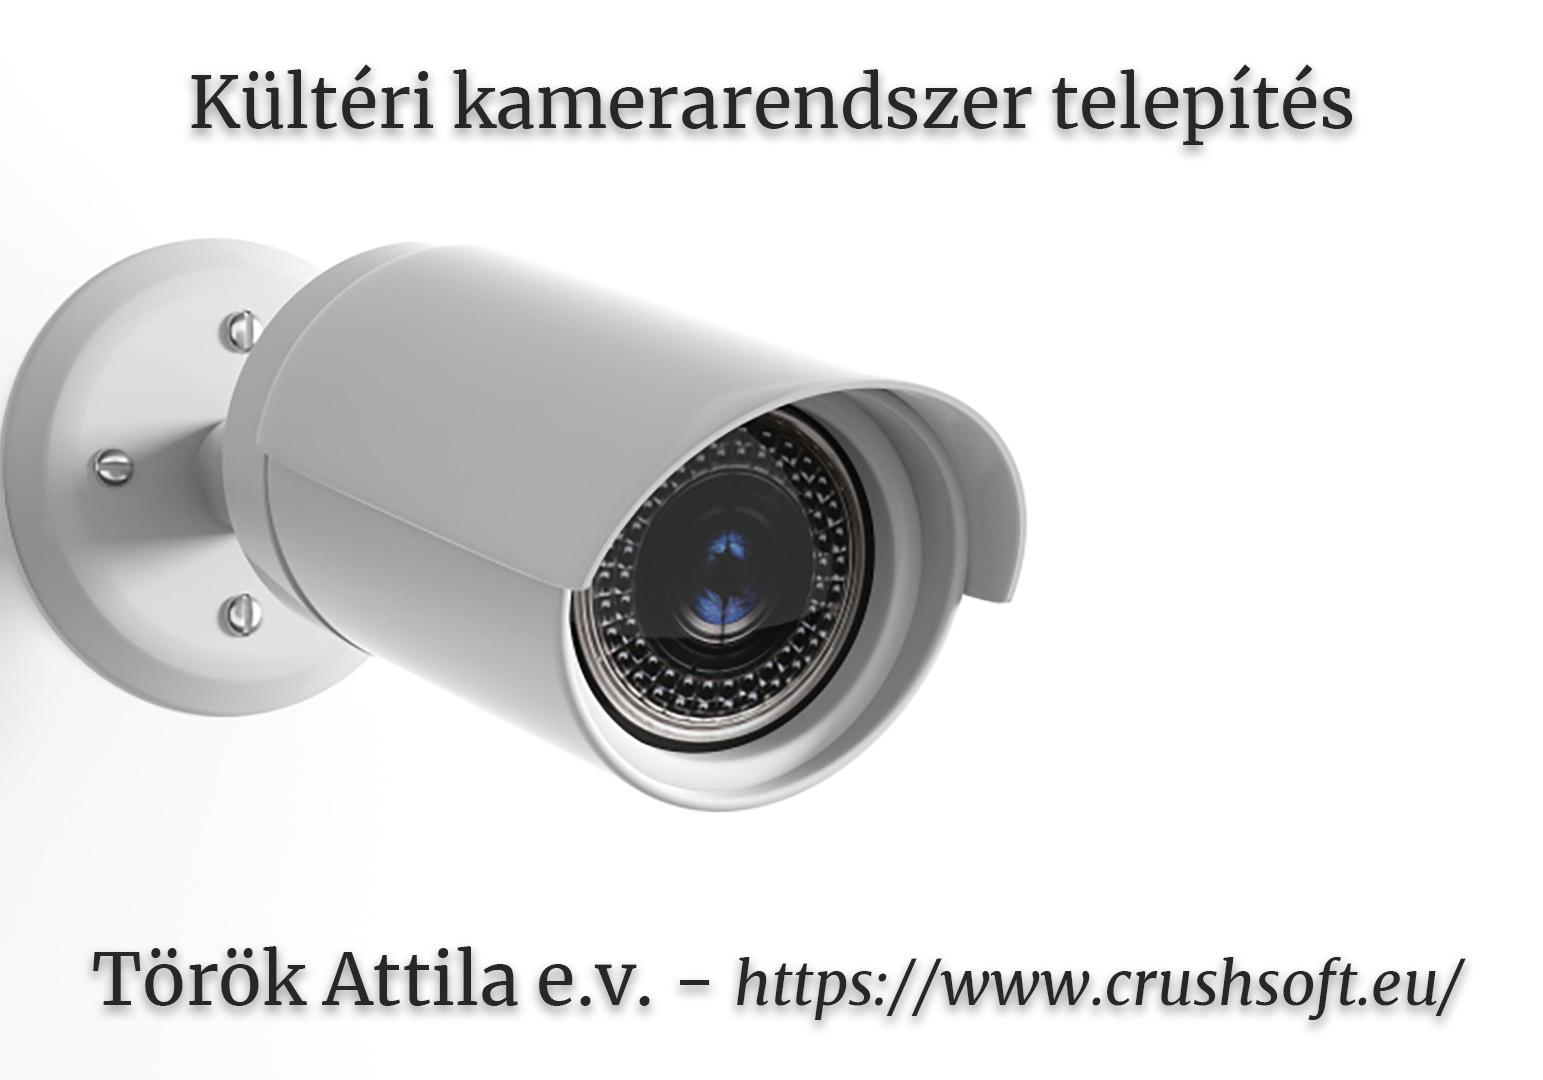 Miért jó a kültéri kamerarendszer